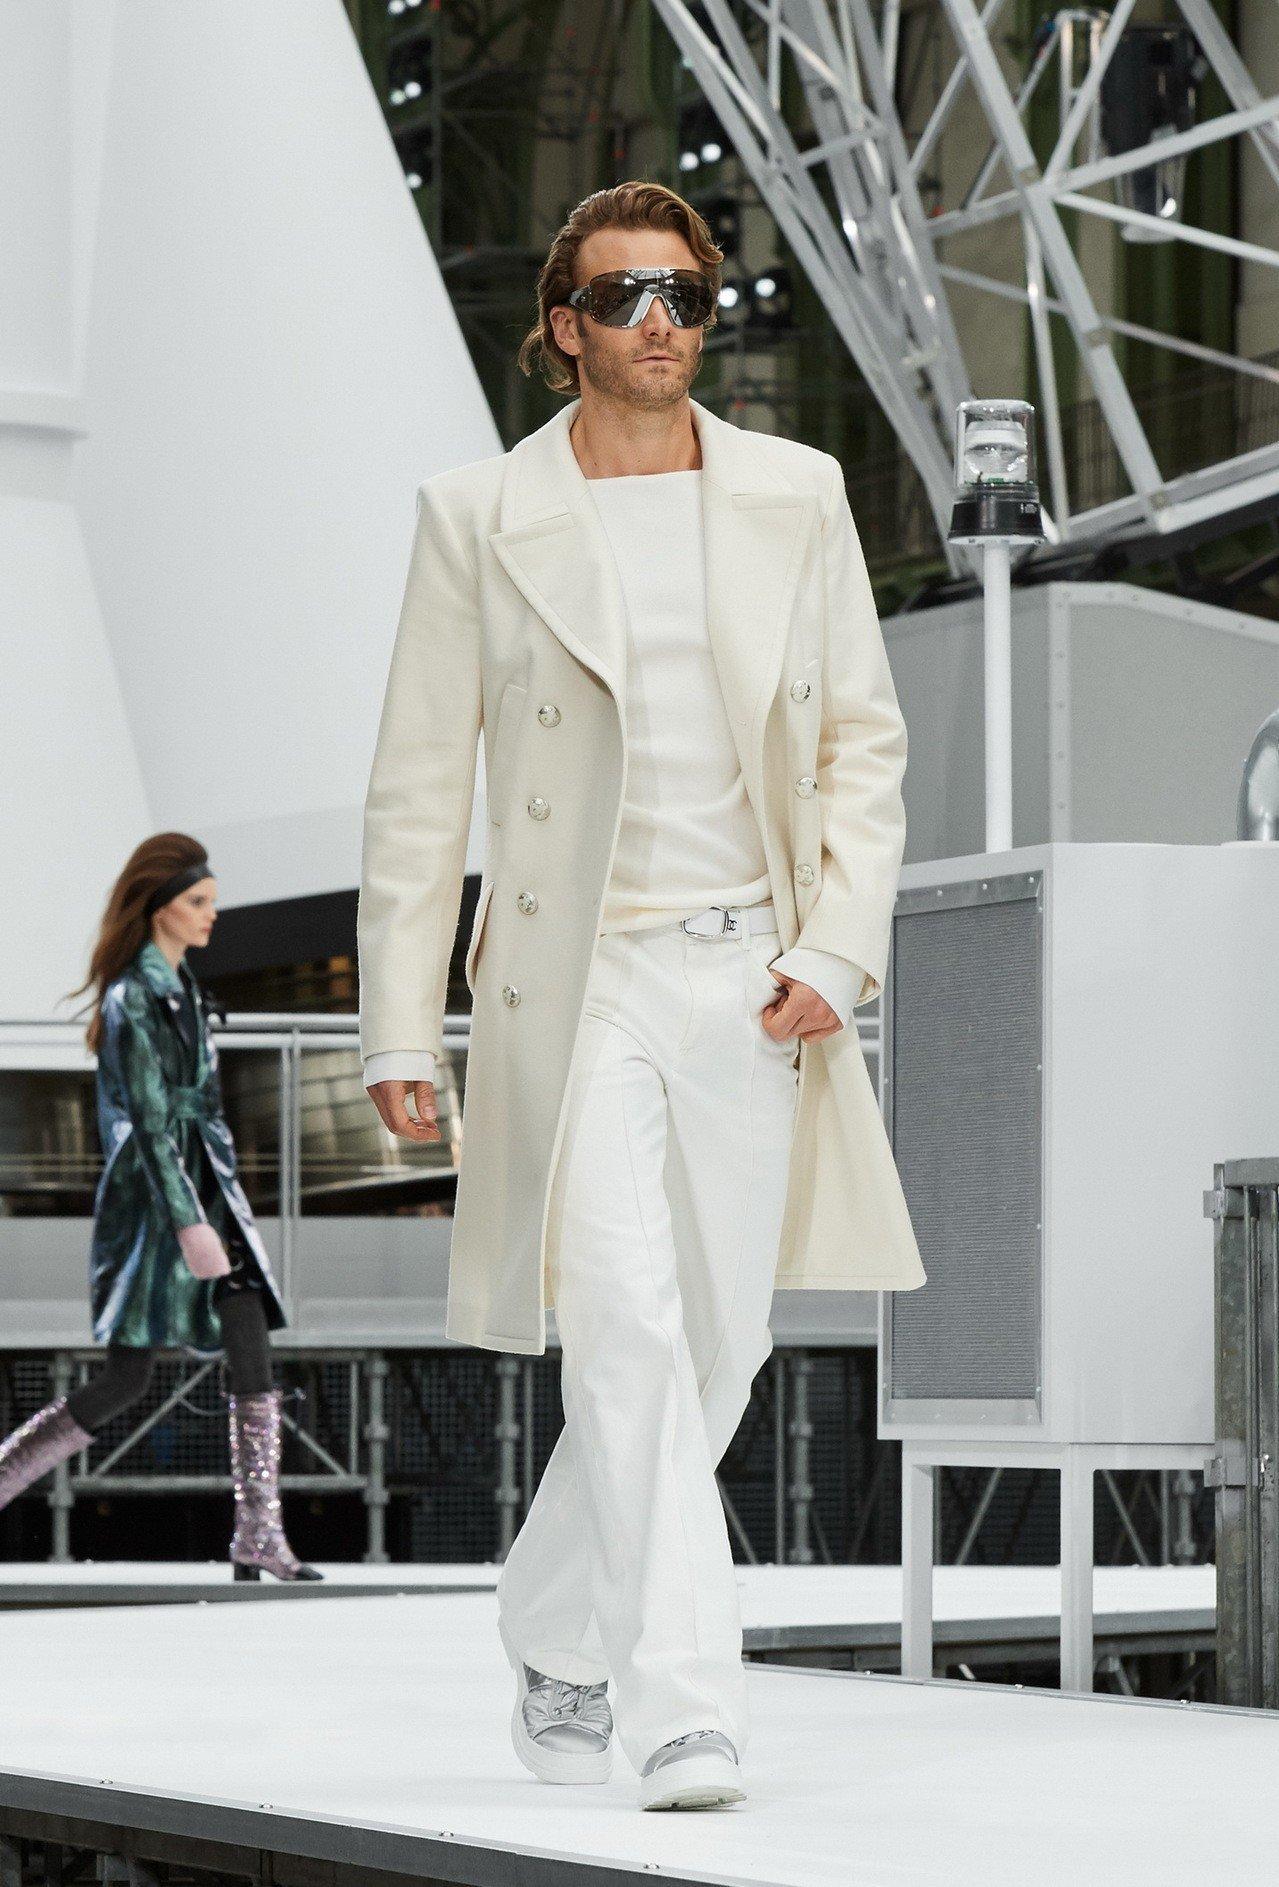 男模布拉德柯羅尼格為香奈兒走秀。圖/香奈兒提供